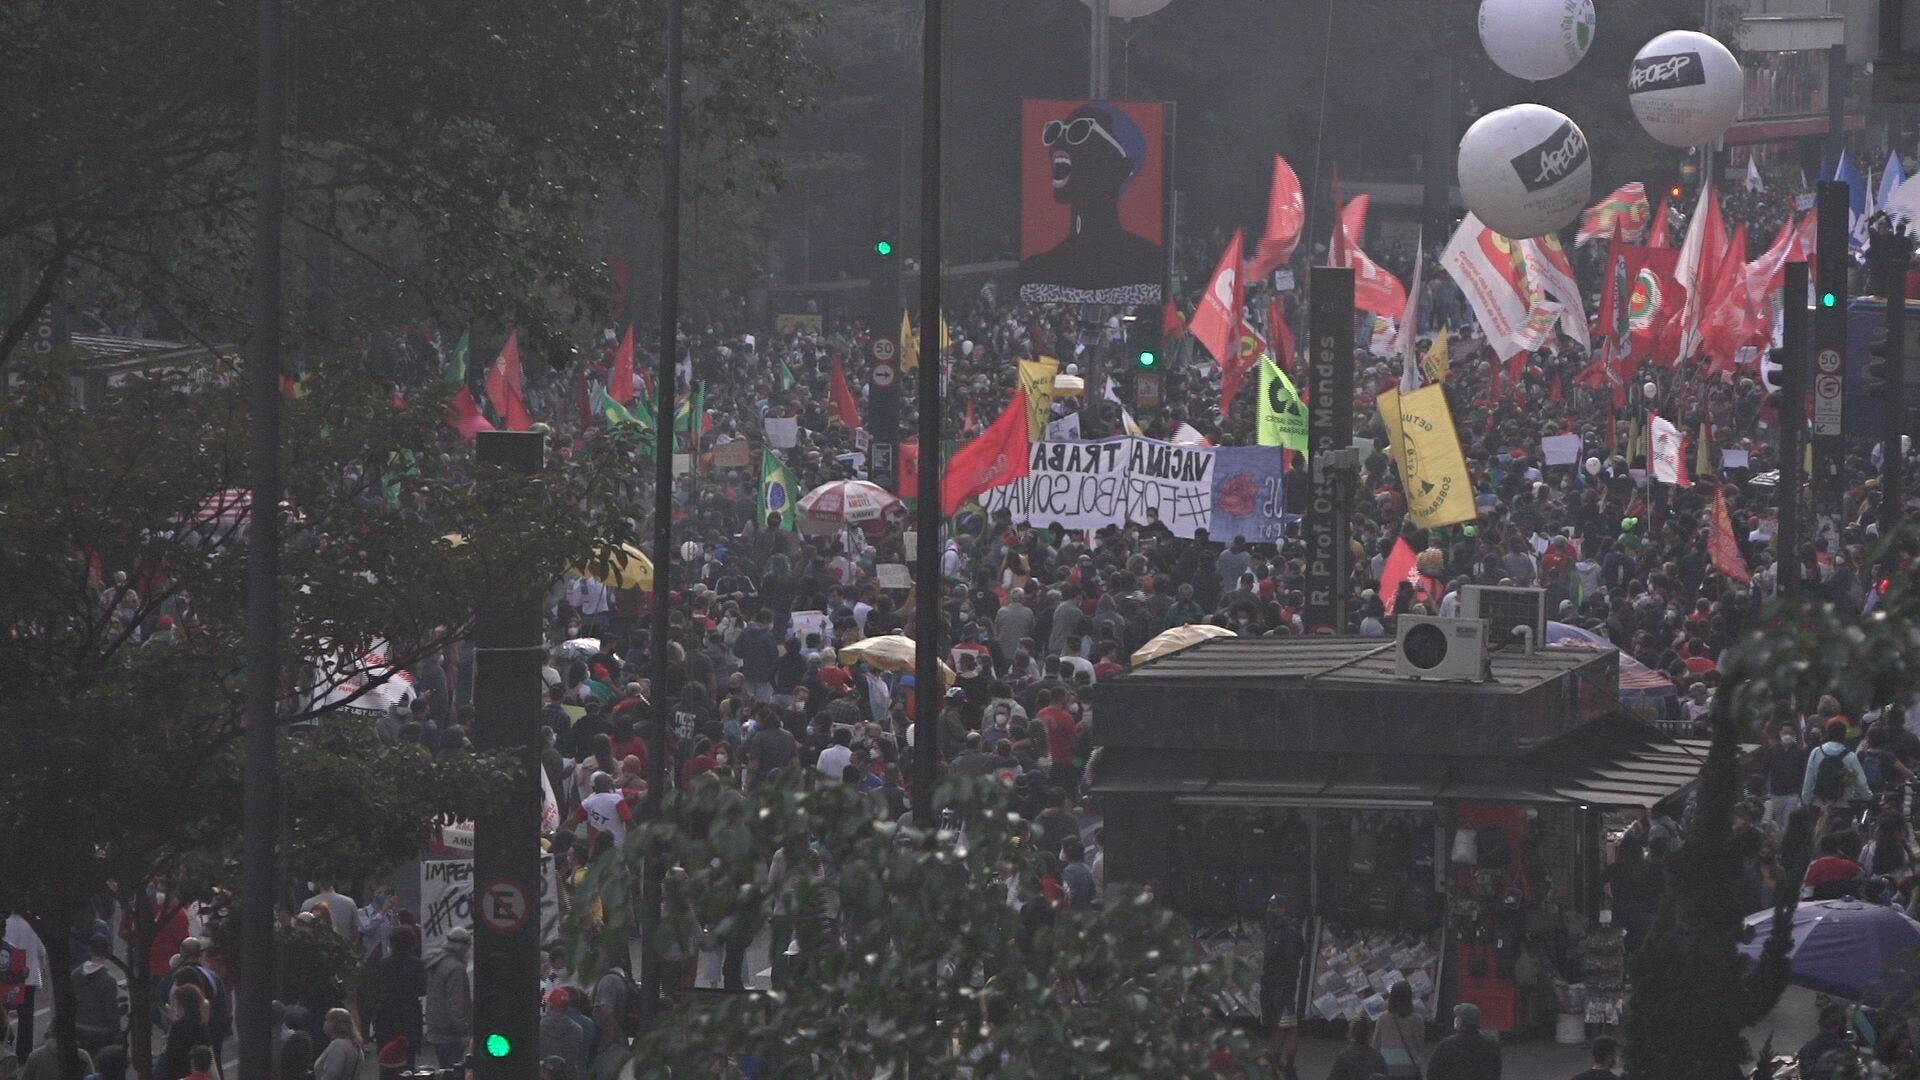 Protesto altera trânsito e mobiliza policiais na Avenida Paulista, em São Paulo